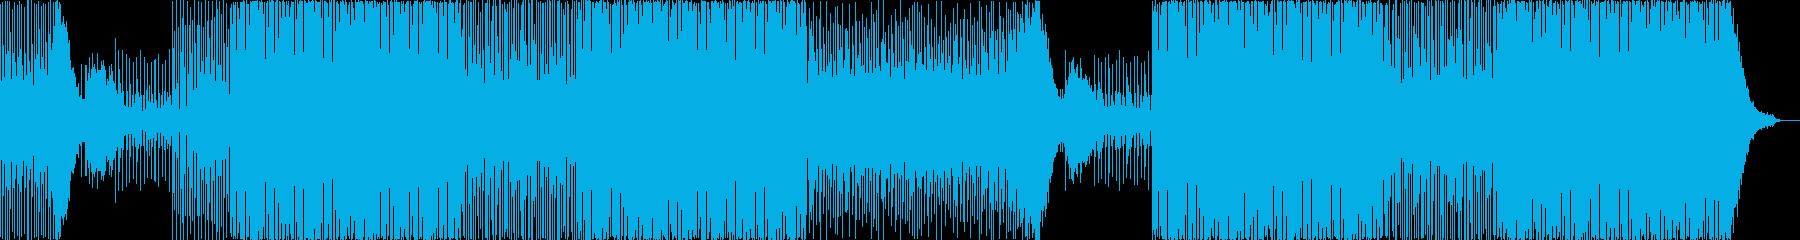 ギターカッティングがファンキーなEDMの再生済みの波形